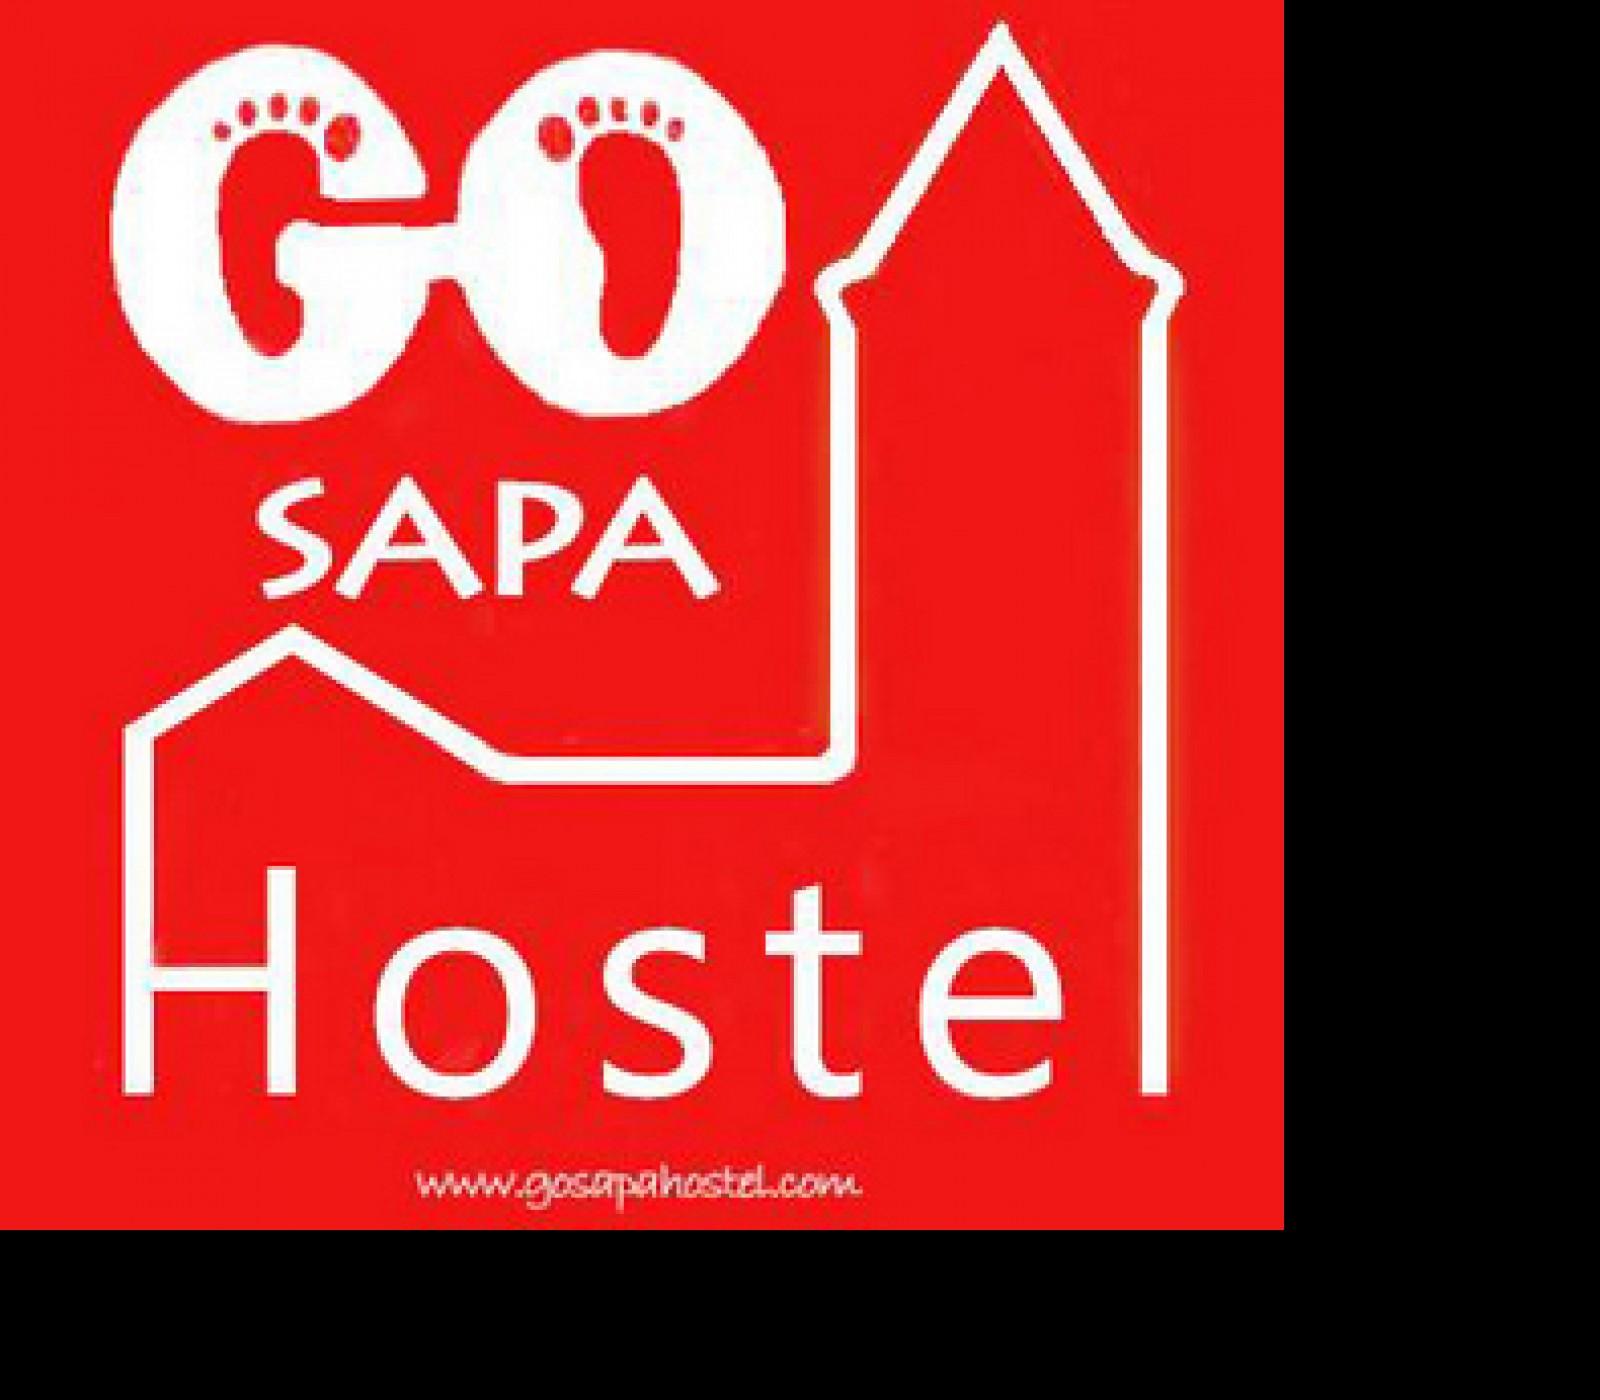 gosapa's picture